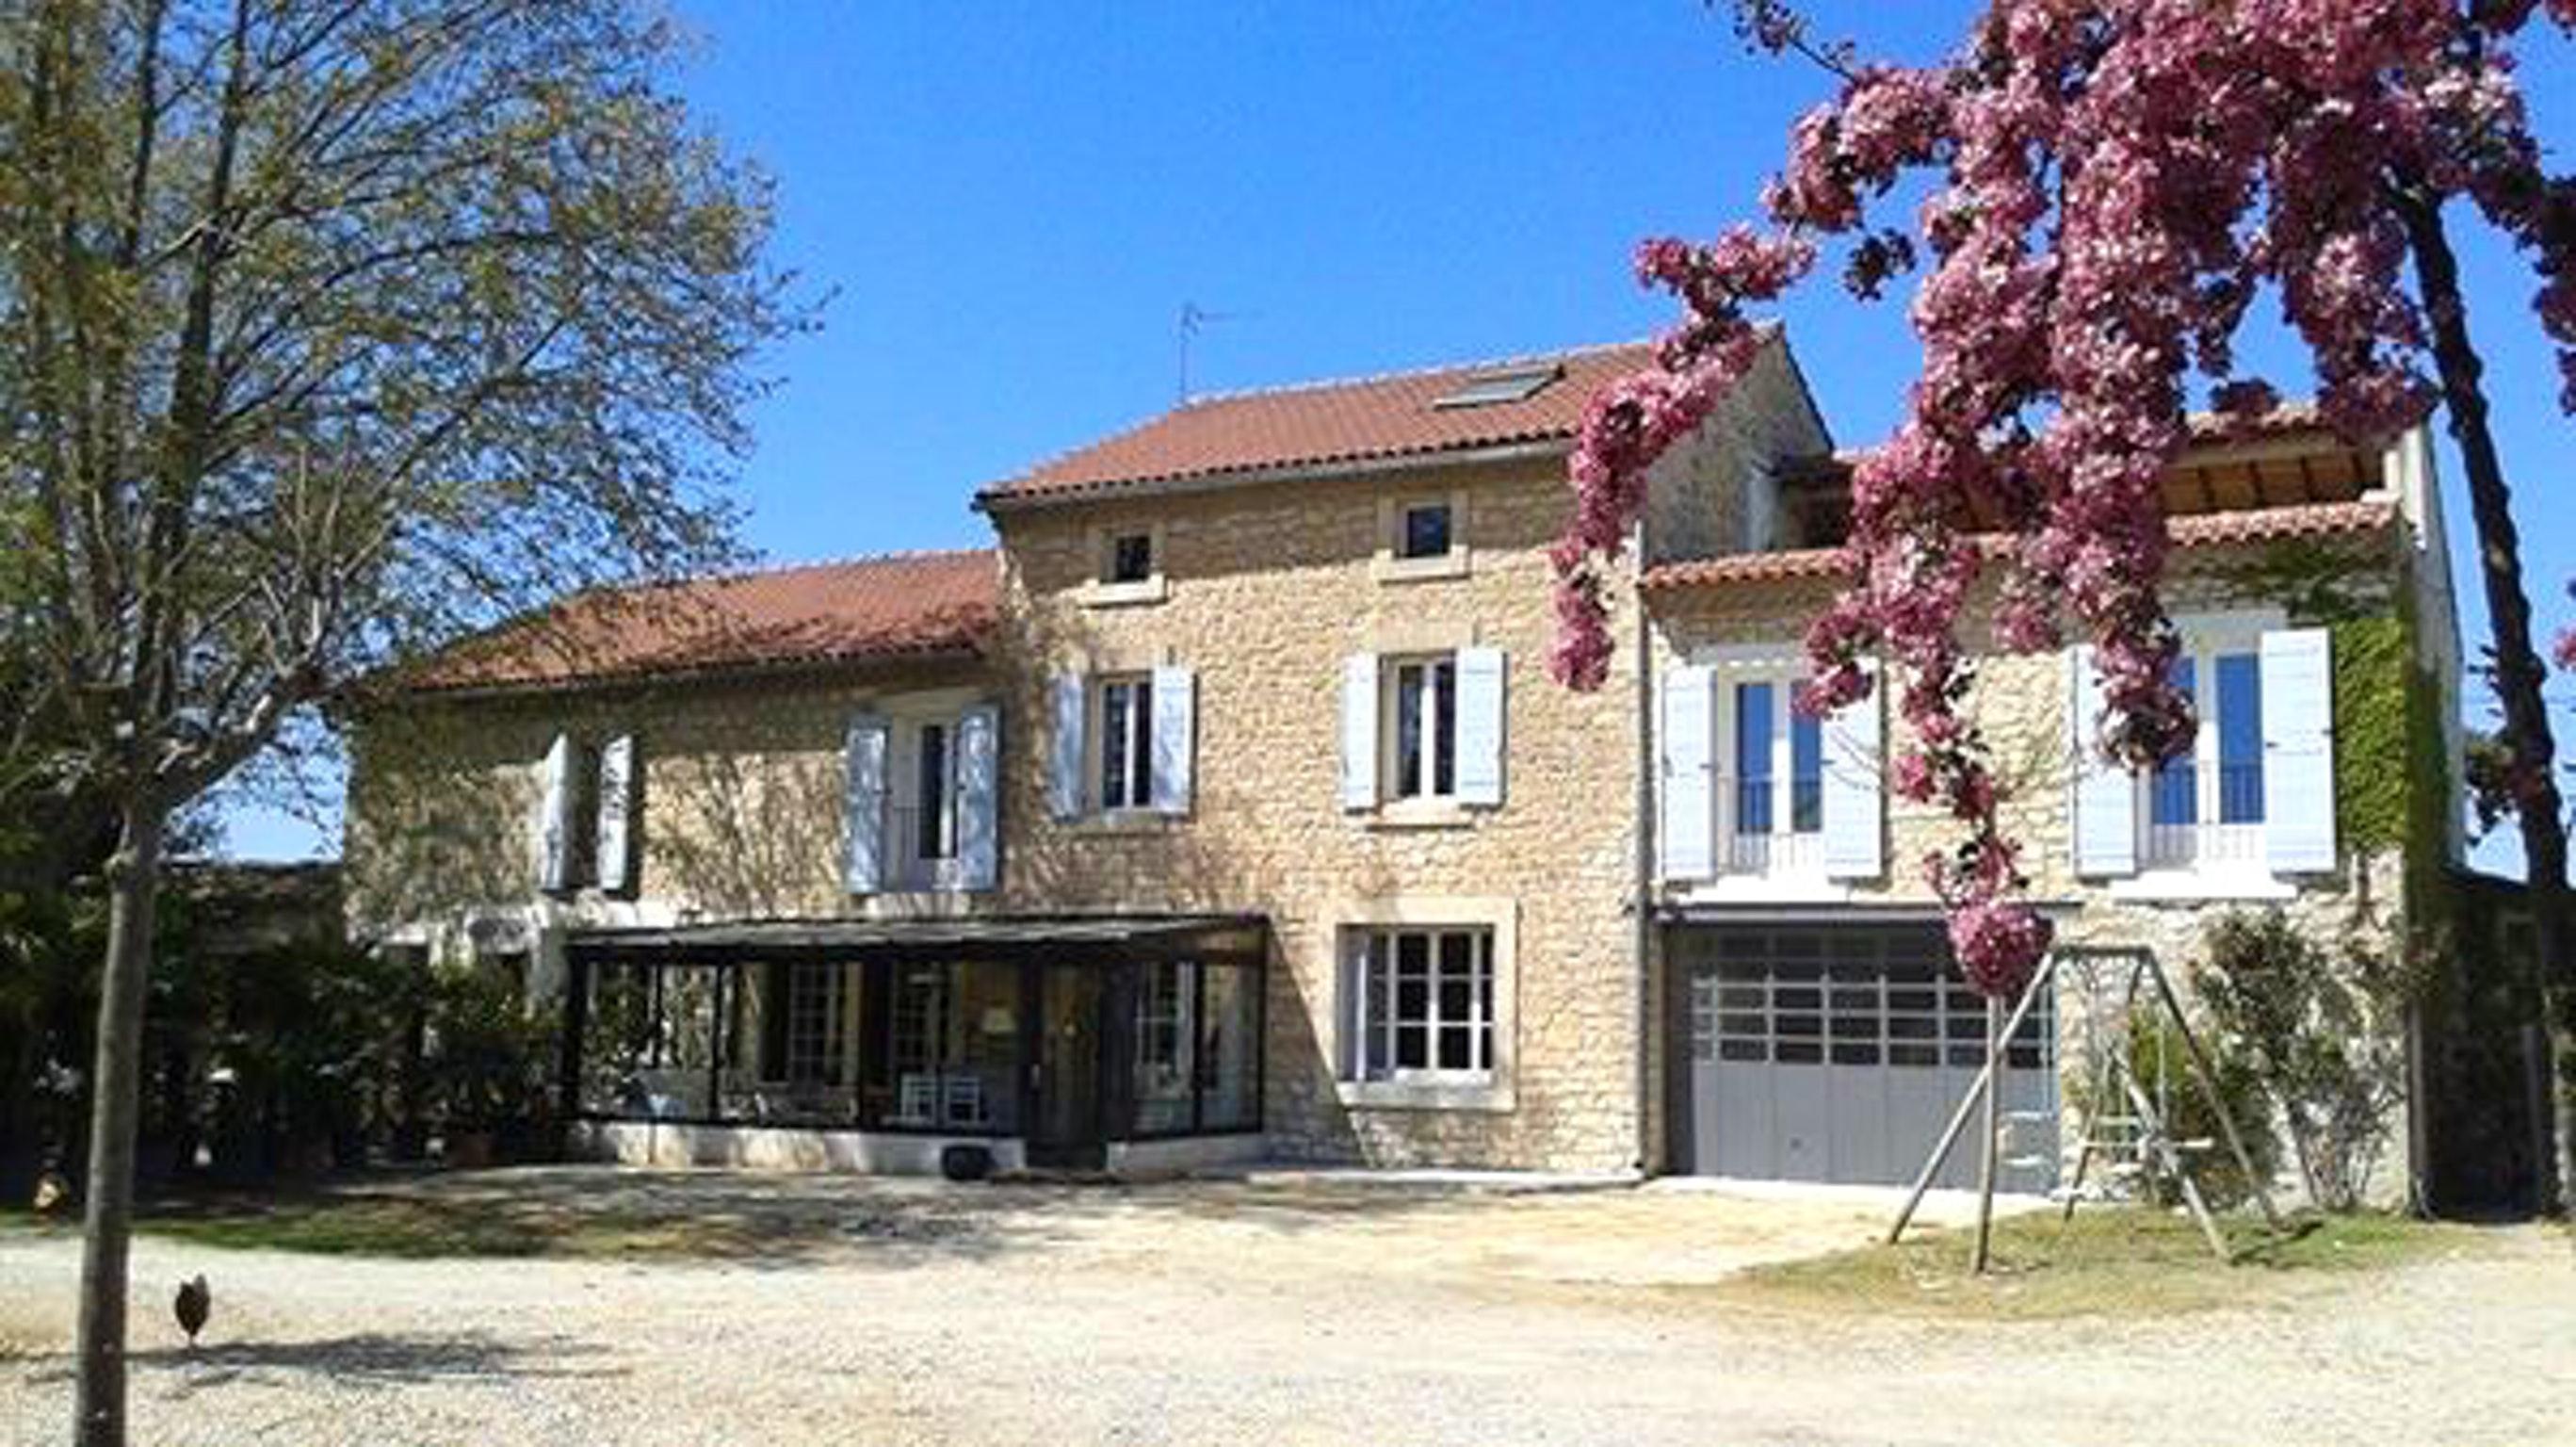 Ferienhaus Haus mit 6 Schlafzimmern in Pernes-les-Fontaines mit privatem Pool, möbliertem Garten und  (2377414), Pernes les Fontaines, Saône-et-Loire, Burgund, Frankreich, Bild 4